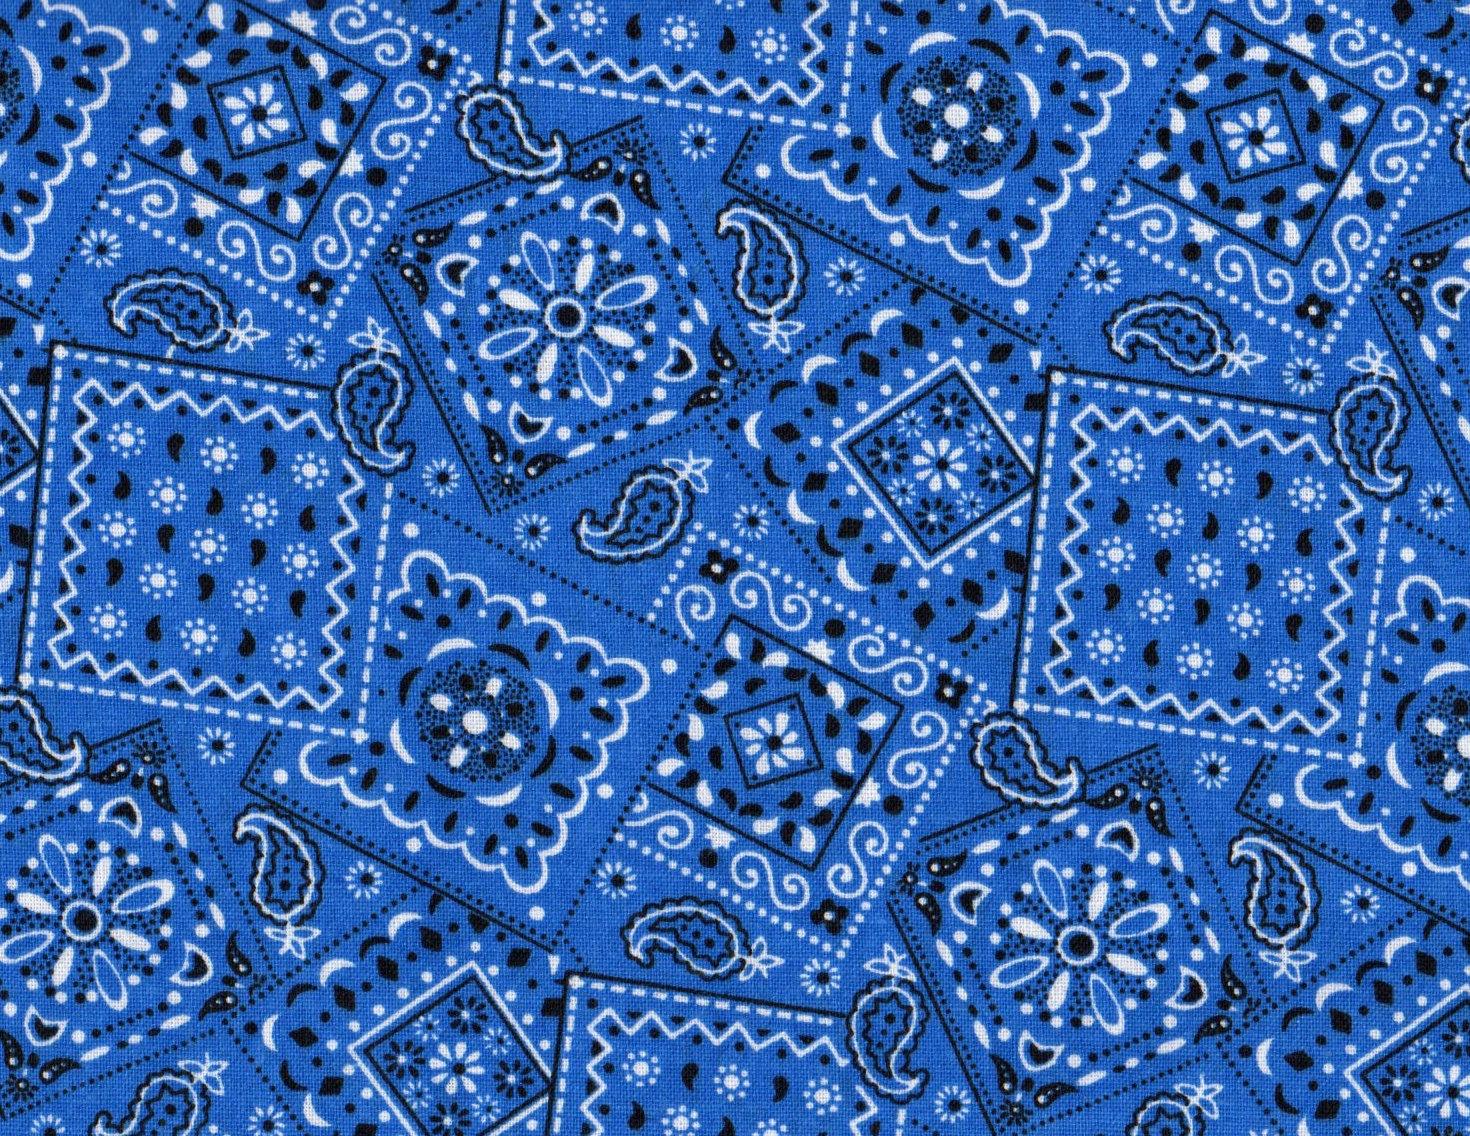 Blue Bandana Fabric Blue Fabric Bandana by thebusybeequilting 1470x1136